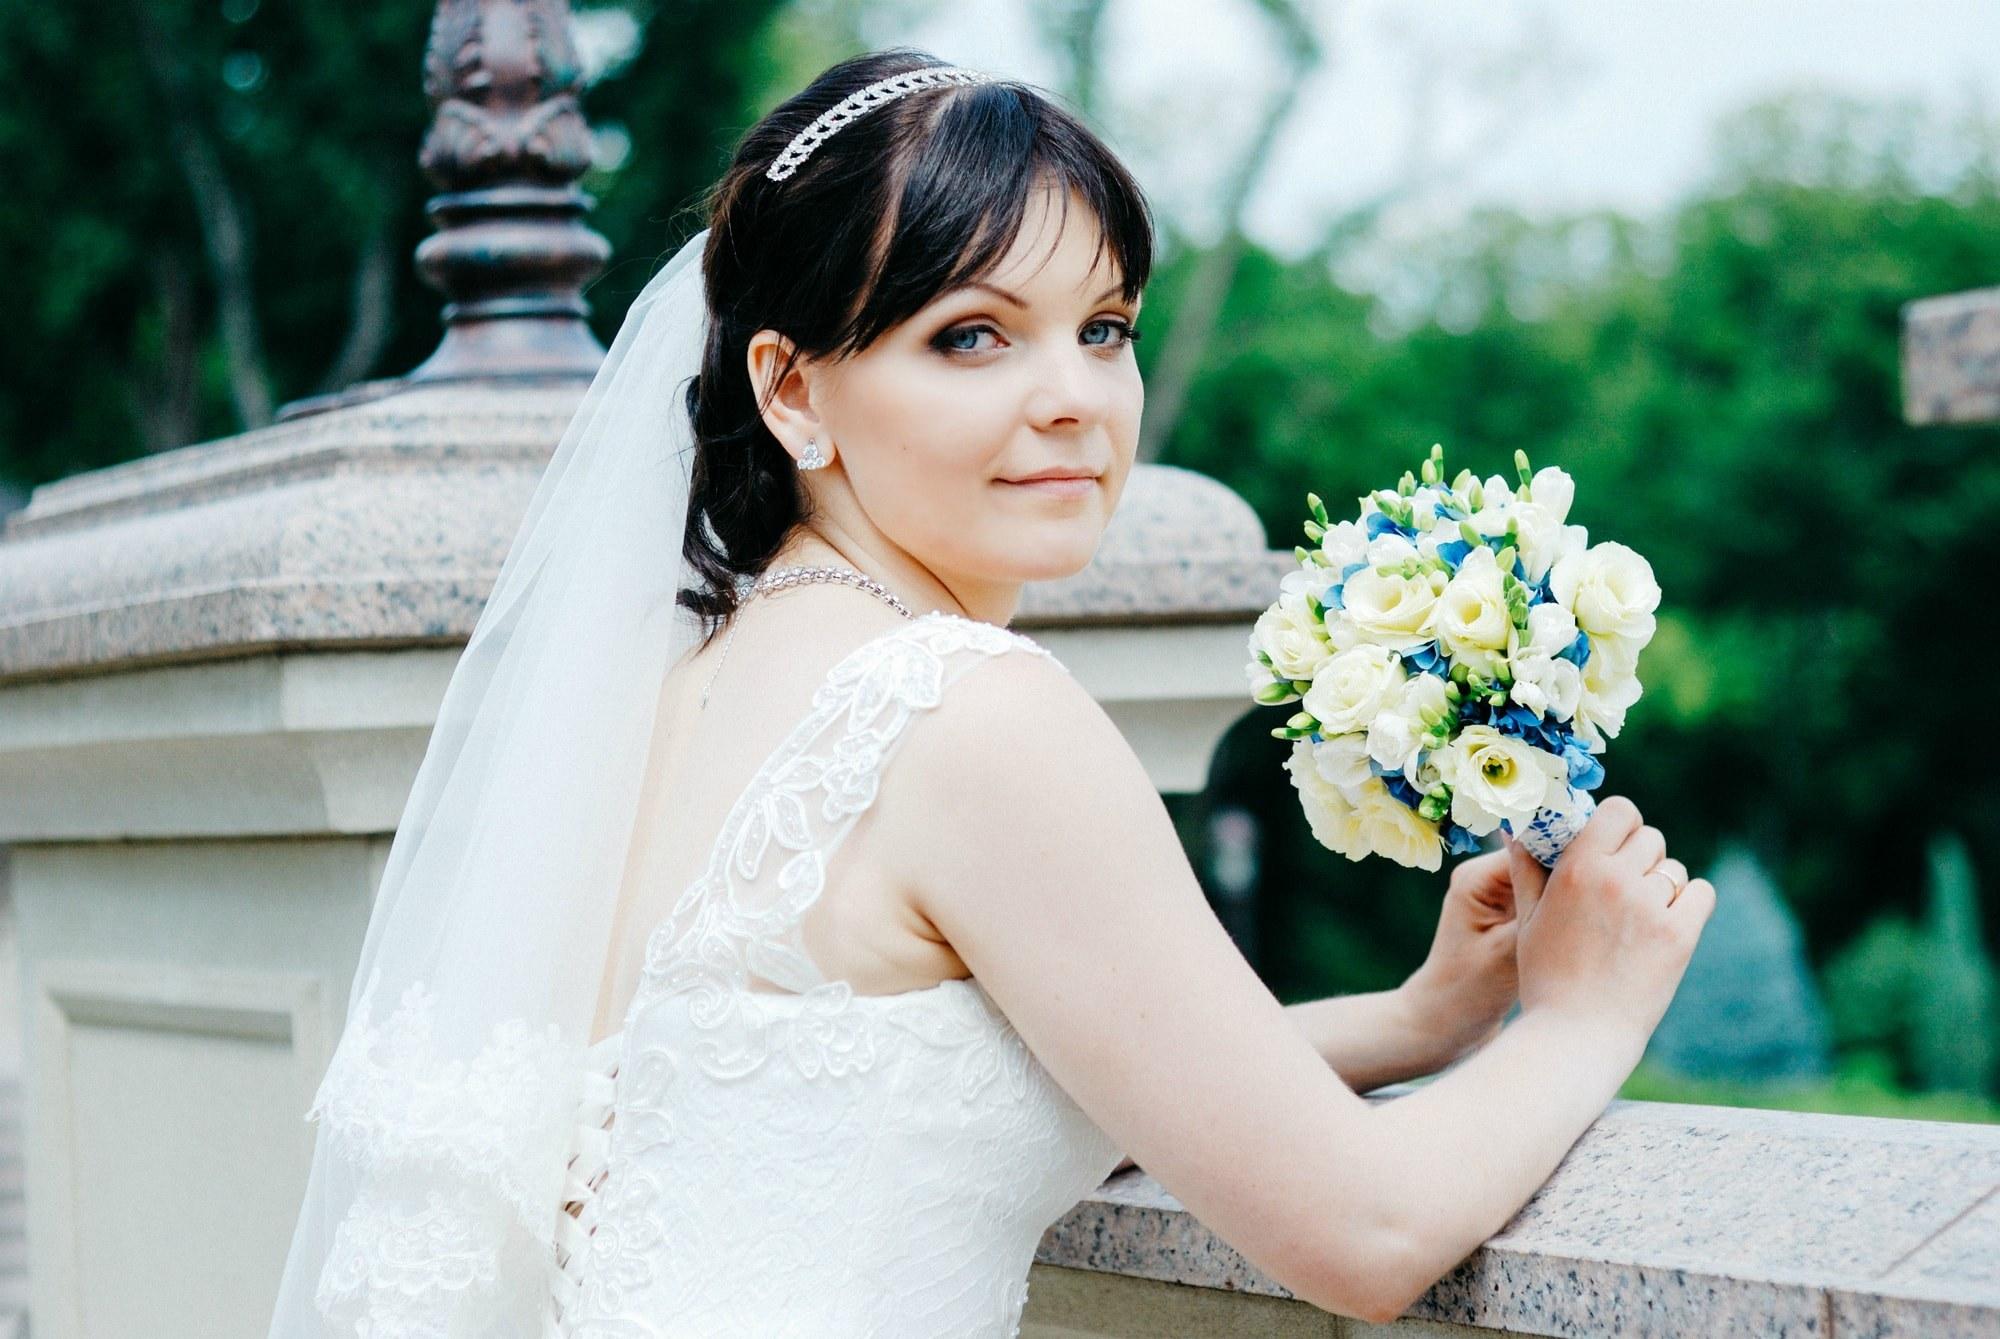 Красота и нежность невесты - Фотограф Киев - Женя Лайт